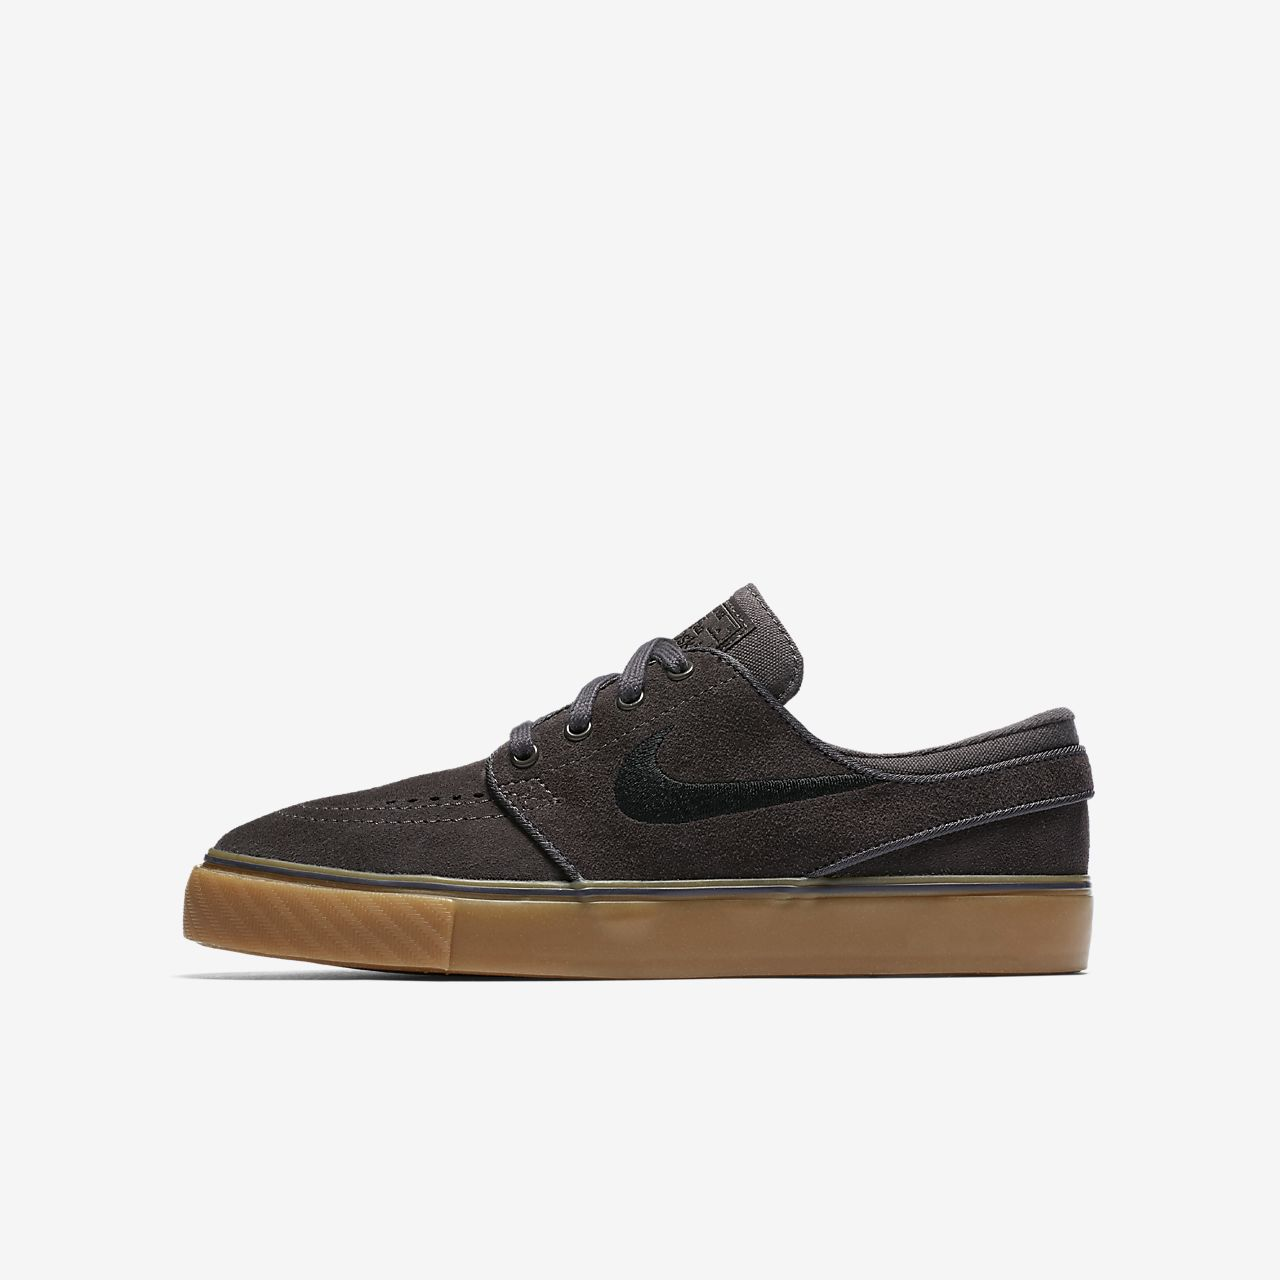 Nike Zoom Stefan Janoski Older Kids' Skateboarding Shoe